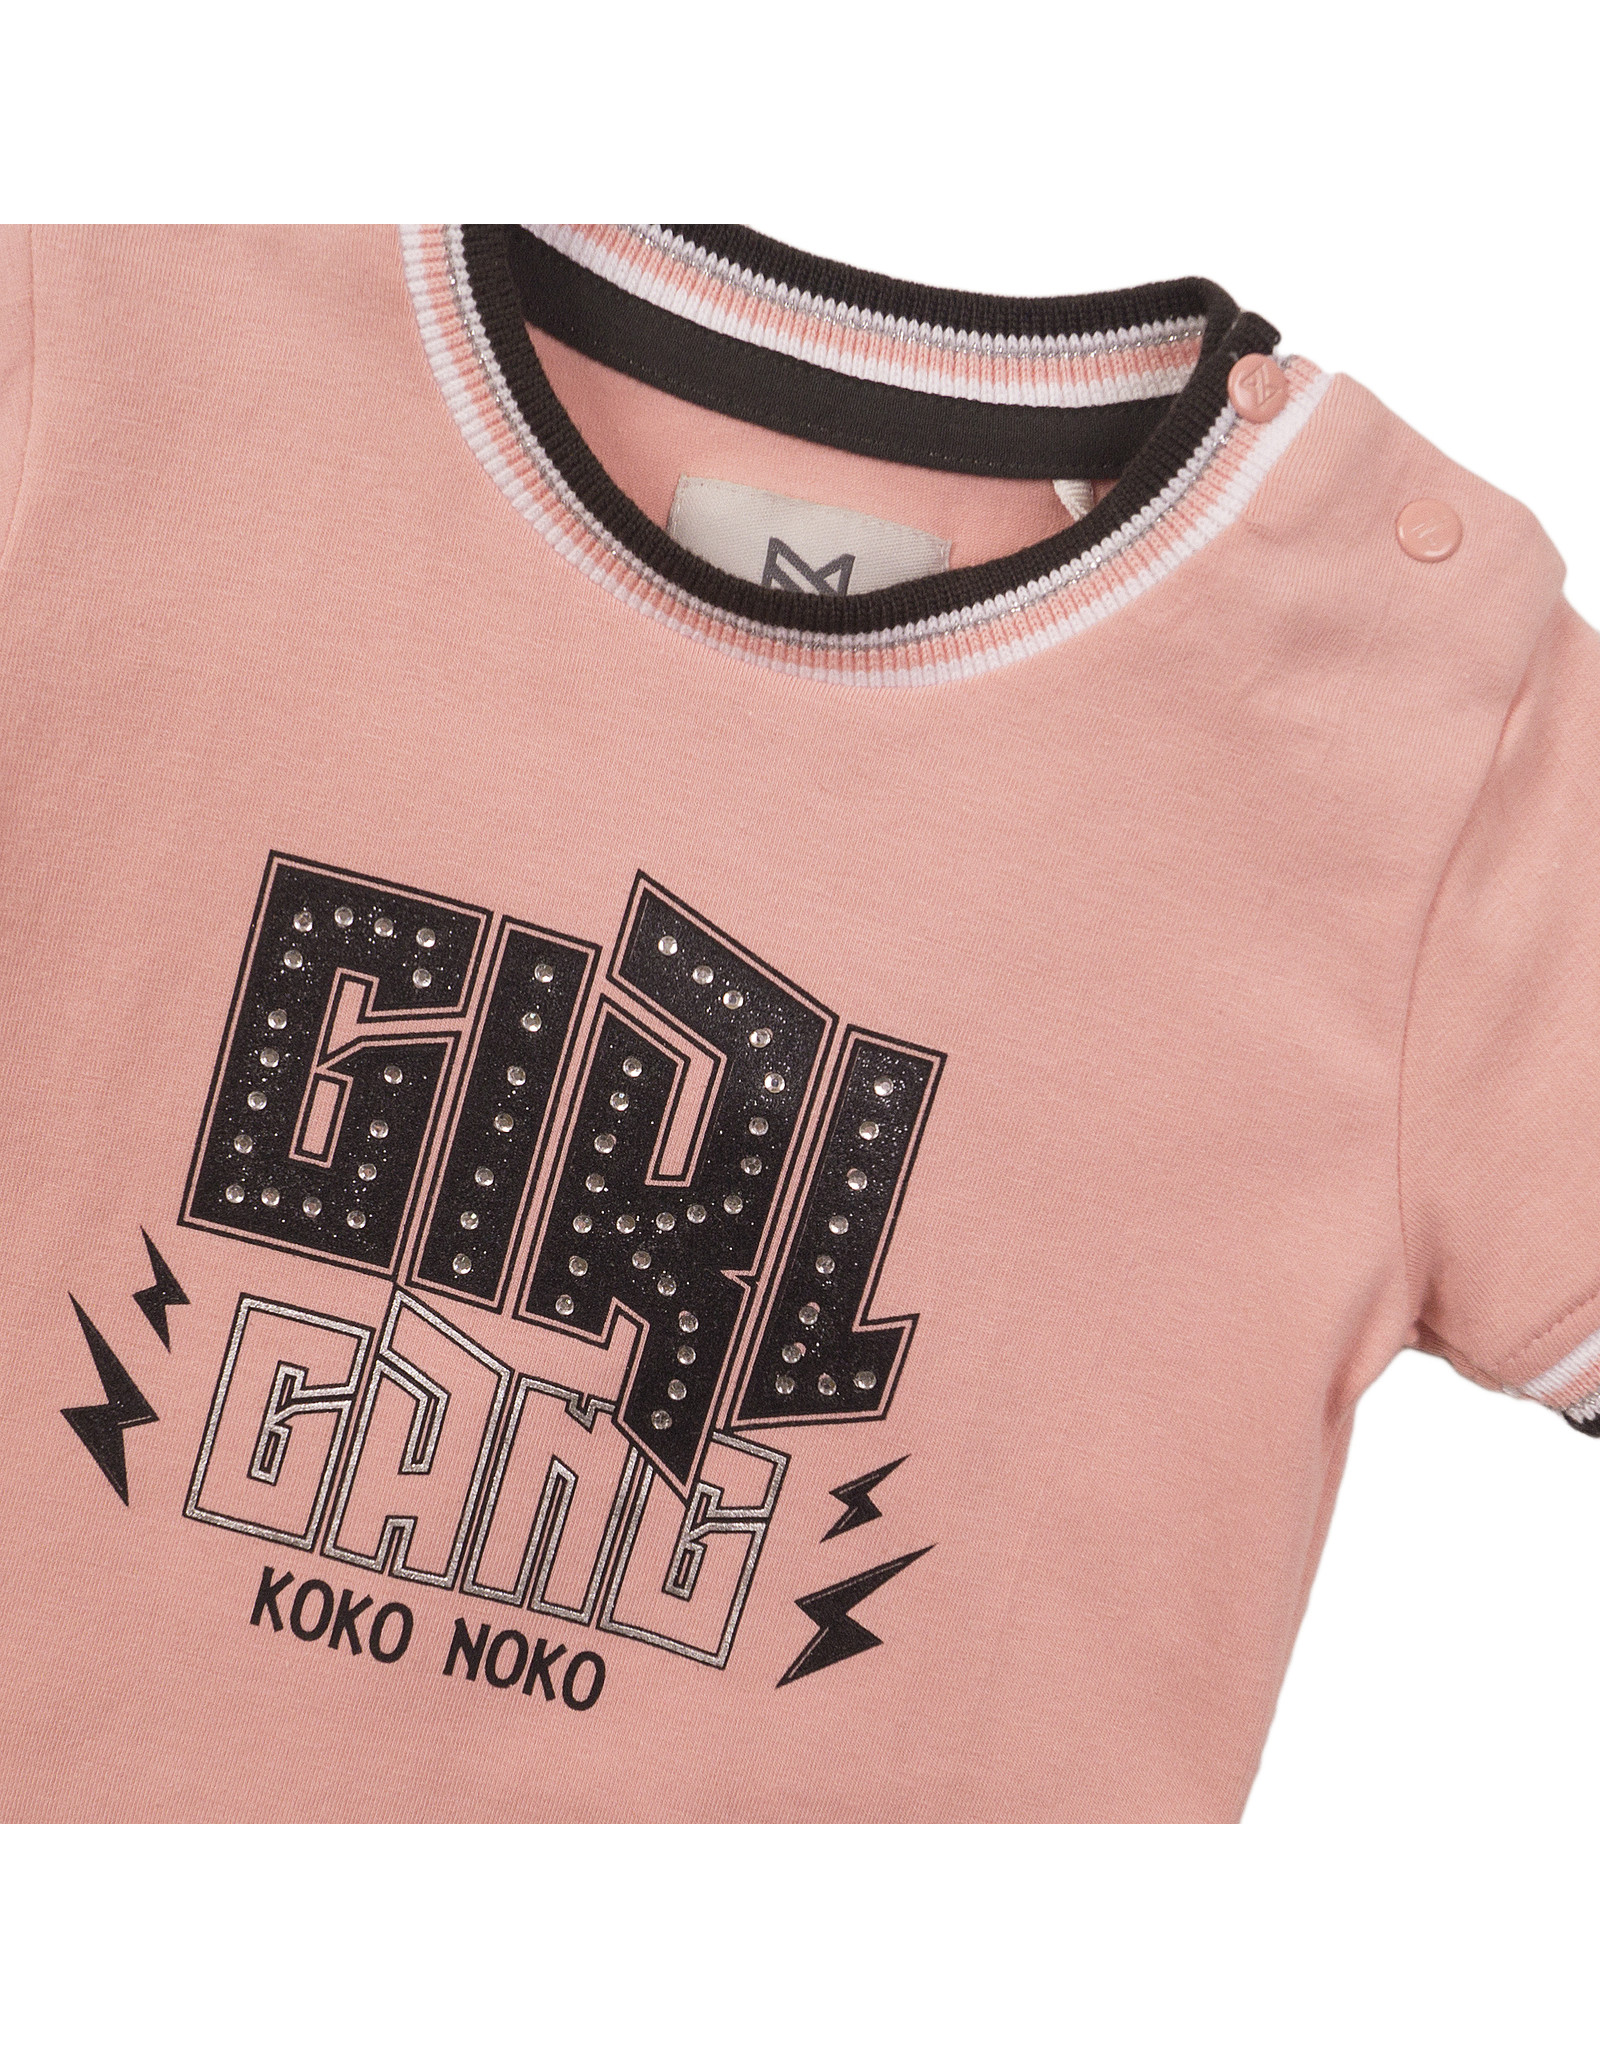 Koko Noko T-shirt ss, Pink, SS21